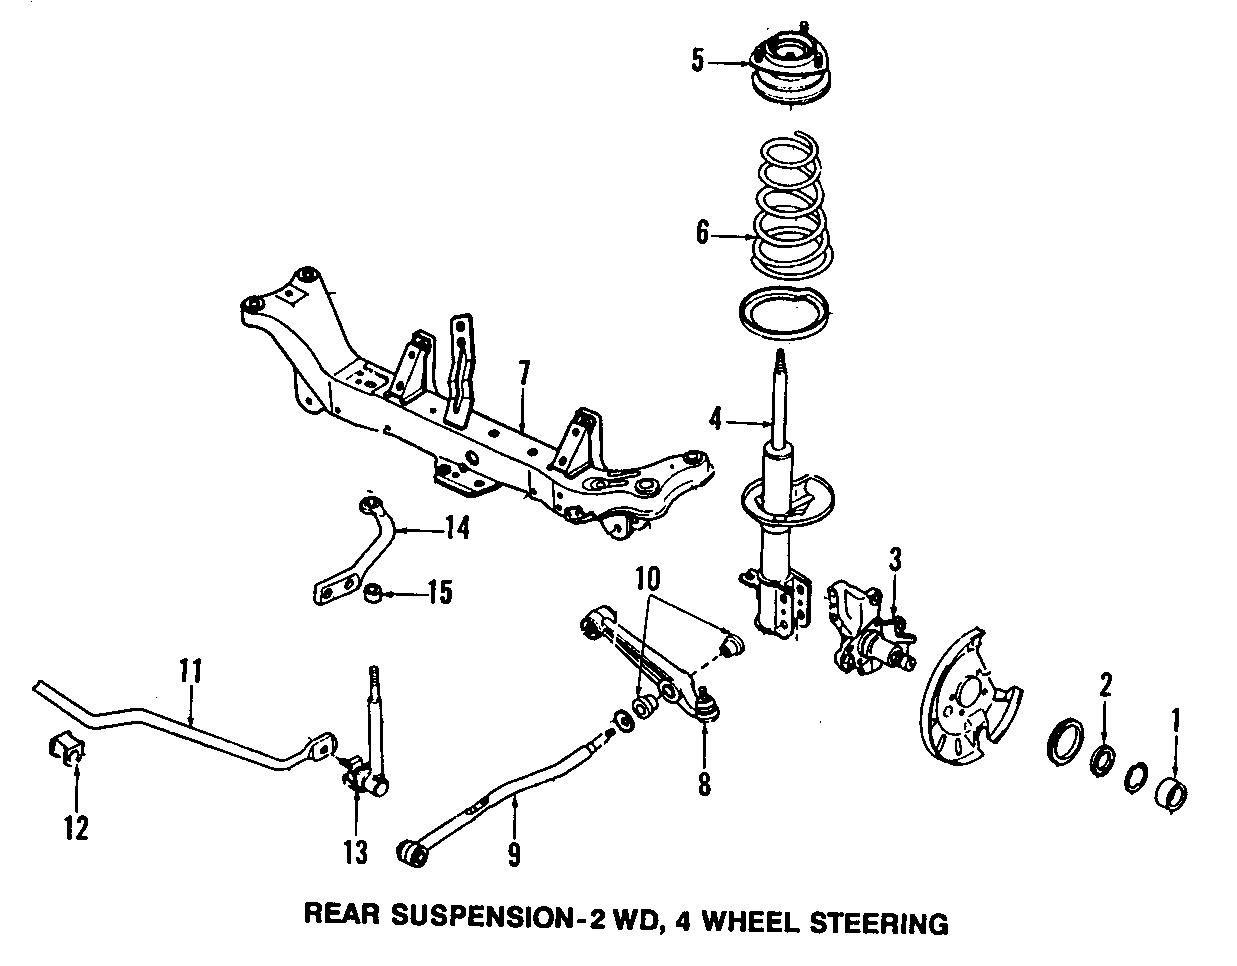 Mazda MX-6 Coil spring. Spring, coil rear (rr). Left